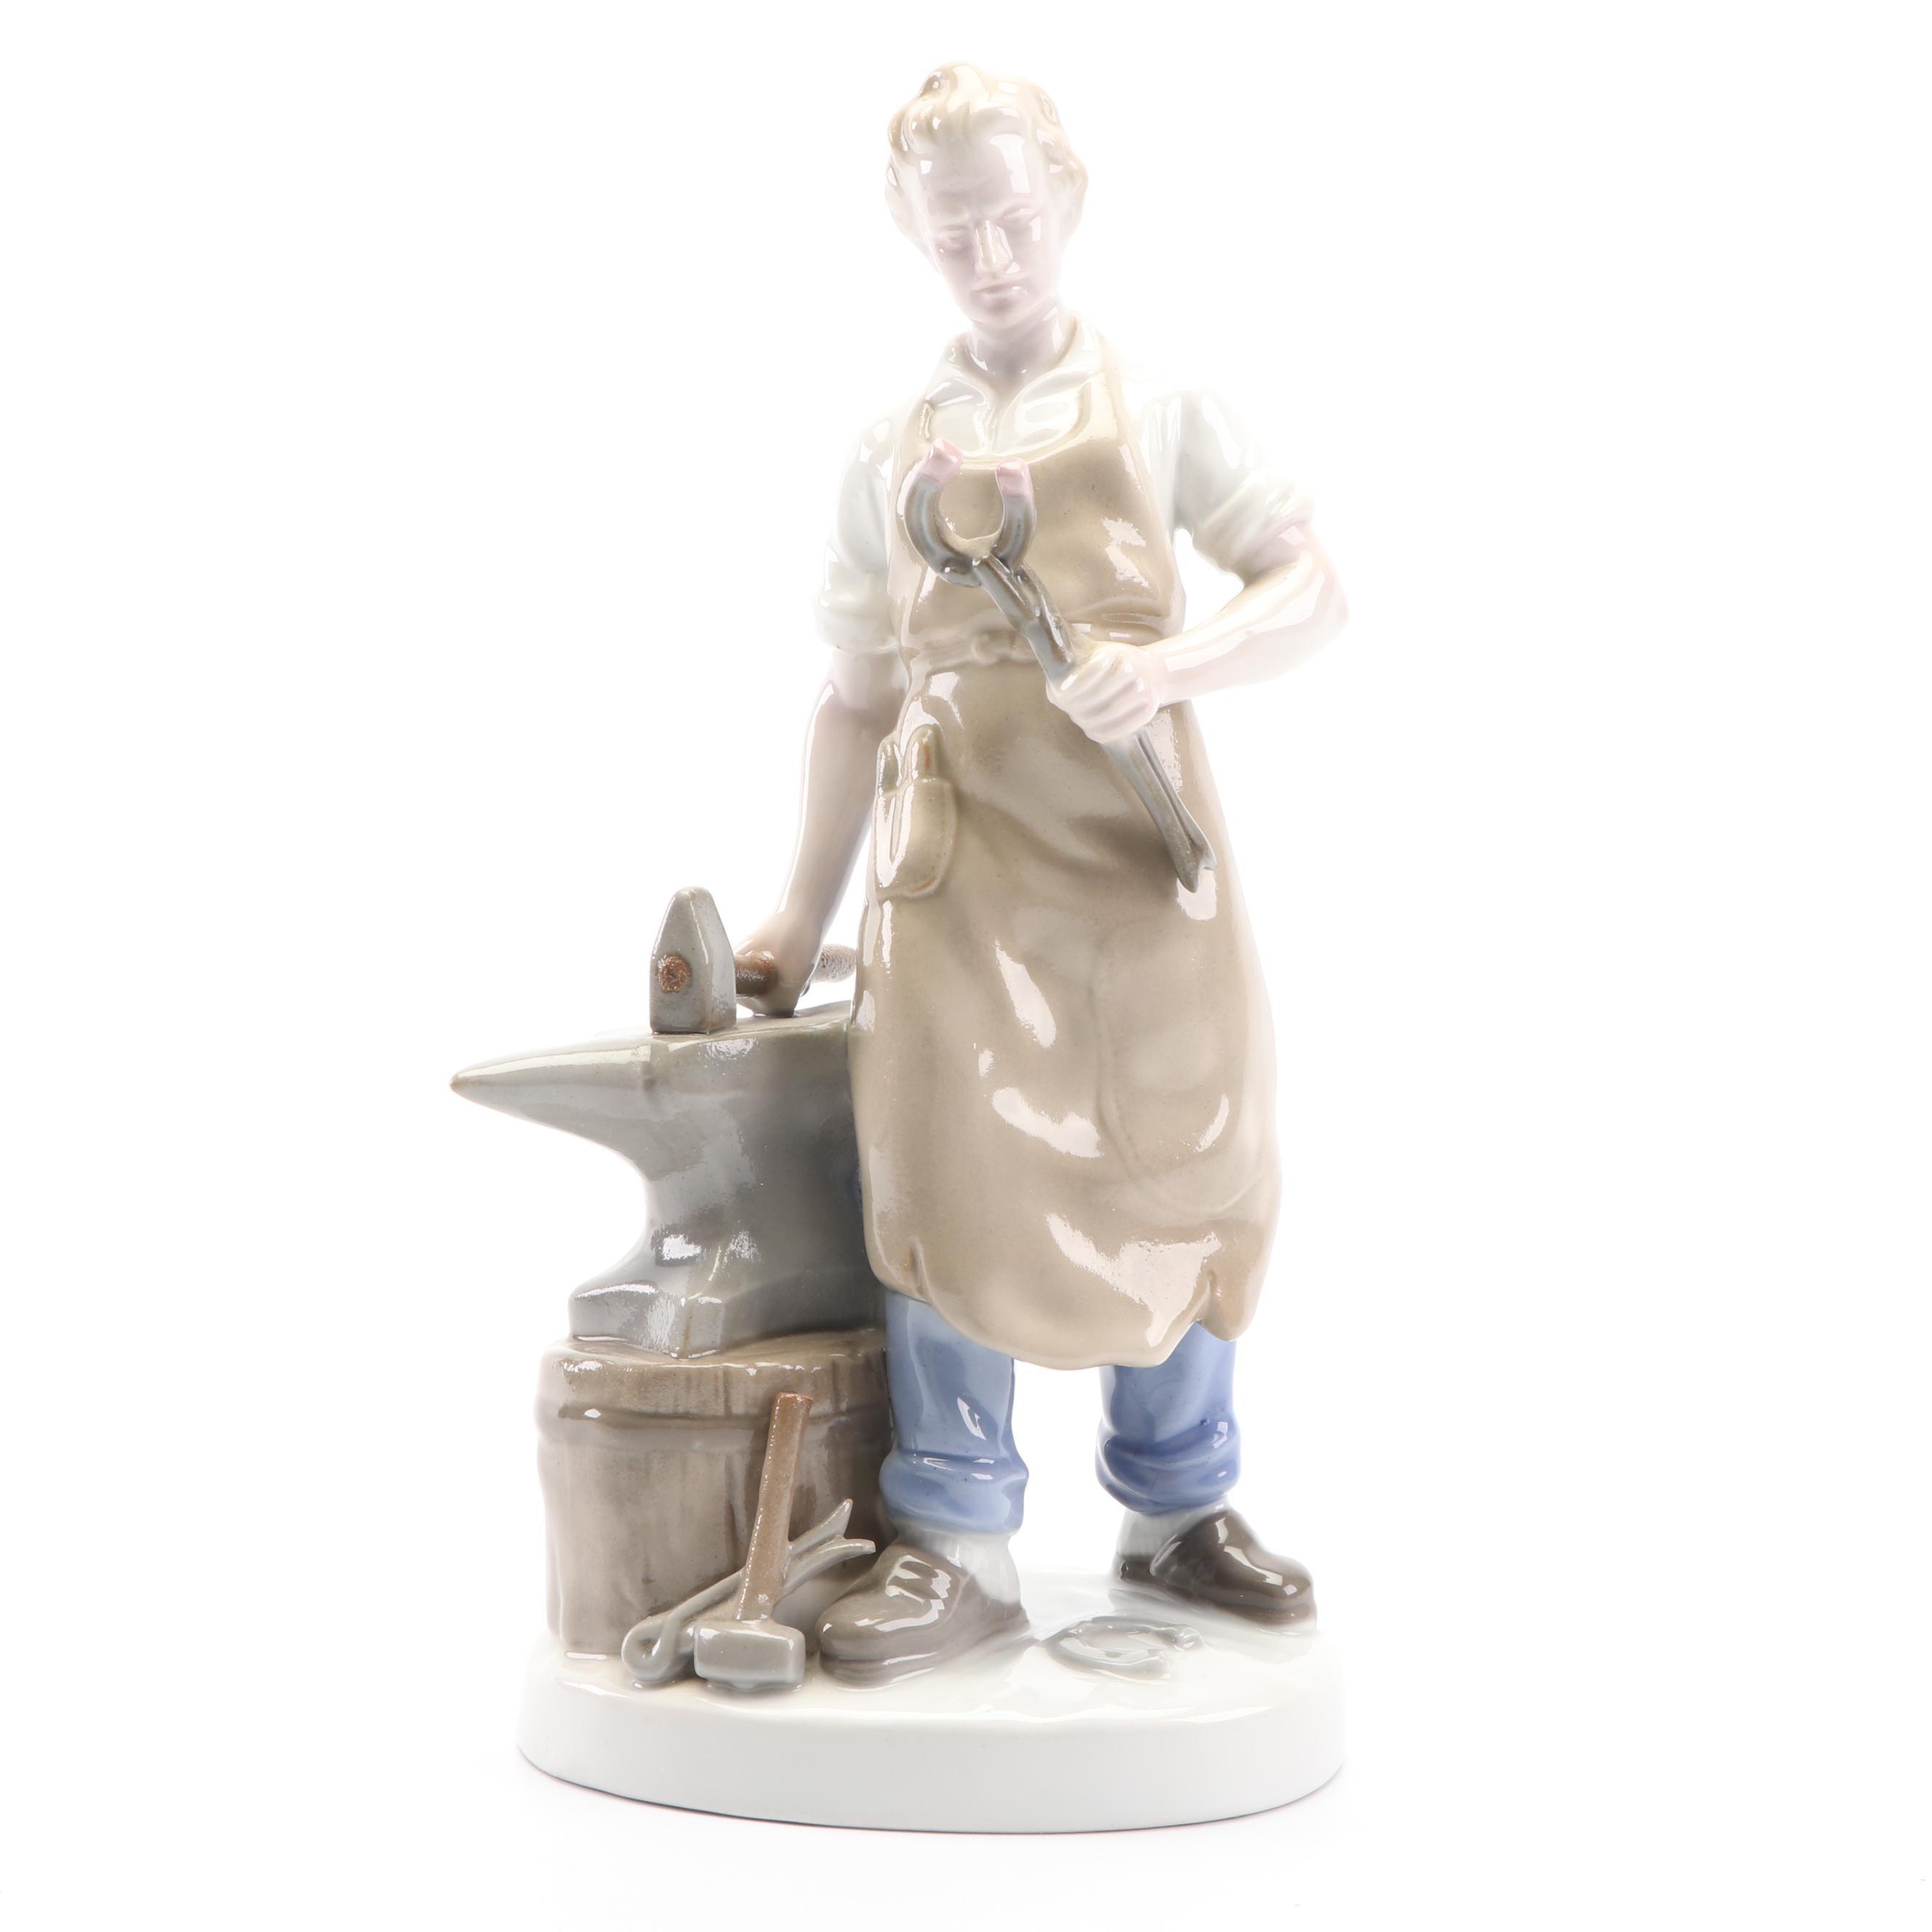 Gräfenthal Porcelain Farrier Figurine by Carl Scheidig